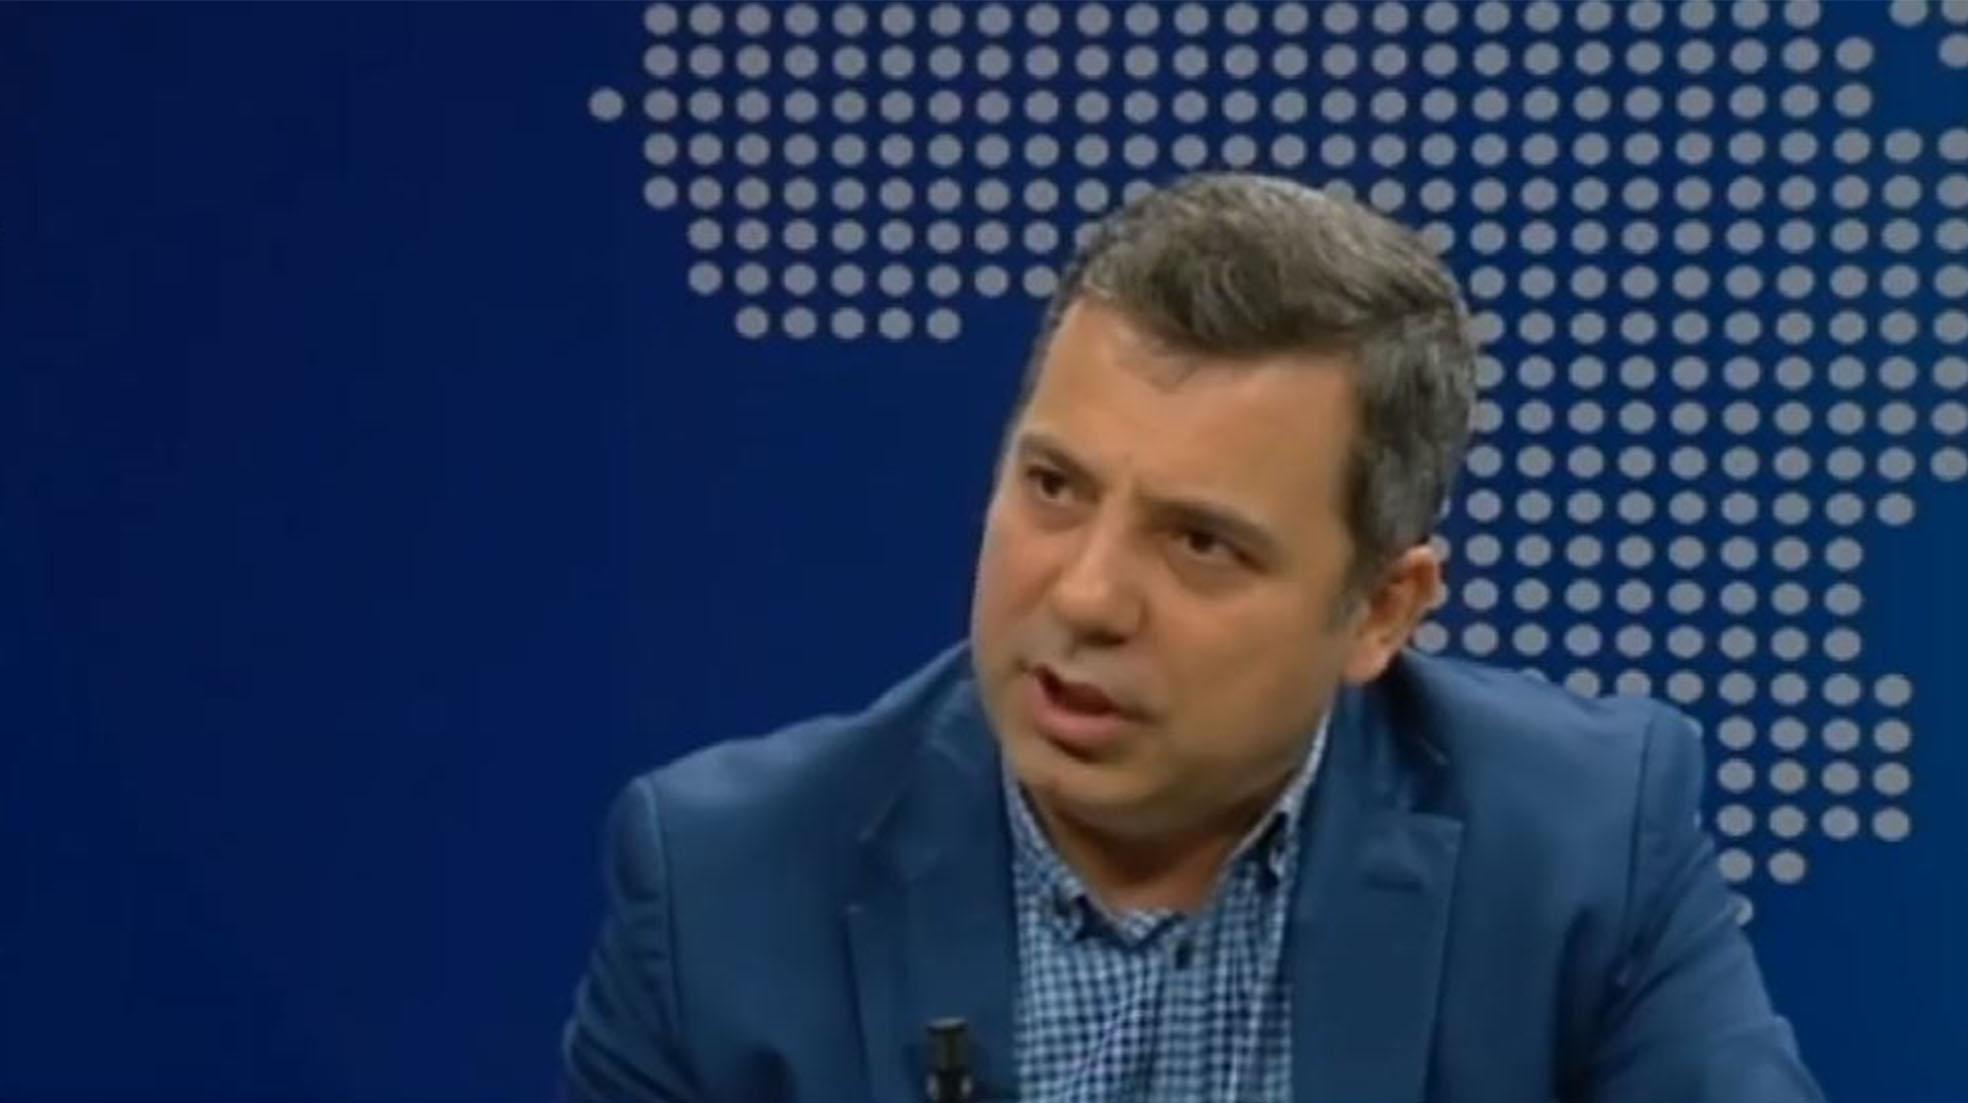 Abilekaj: Ministrat janë noterë, Rama vendos vetë për gjithçka